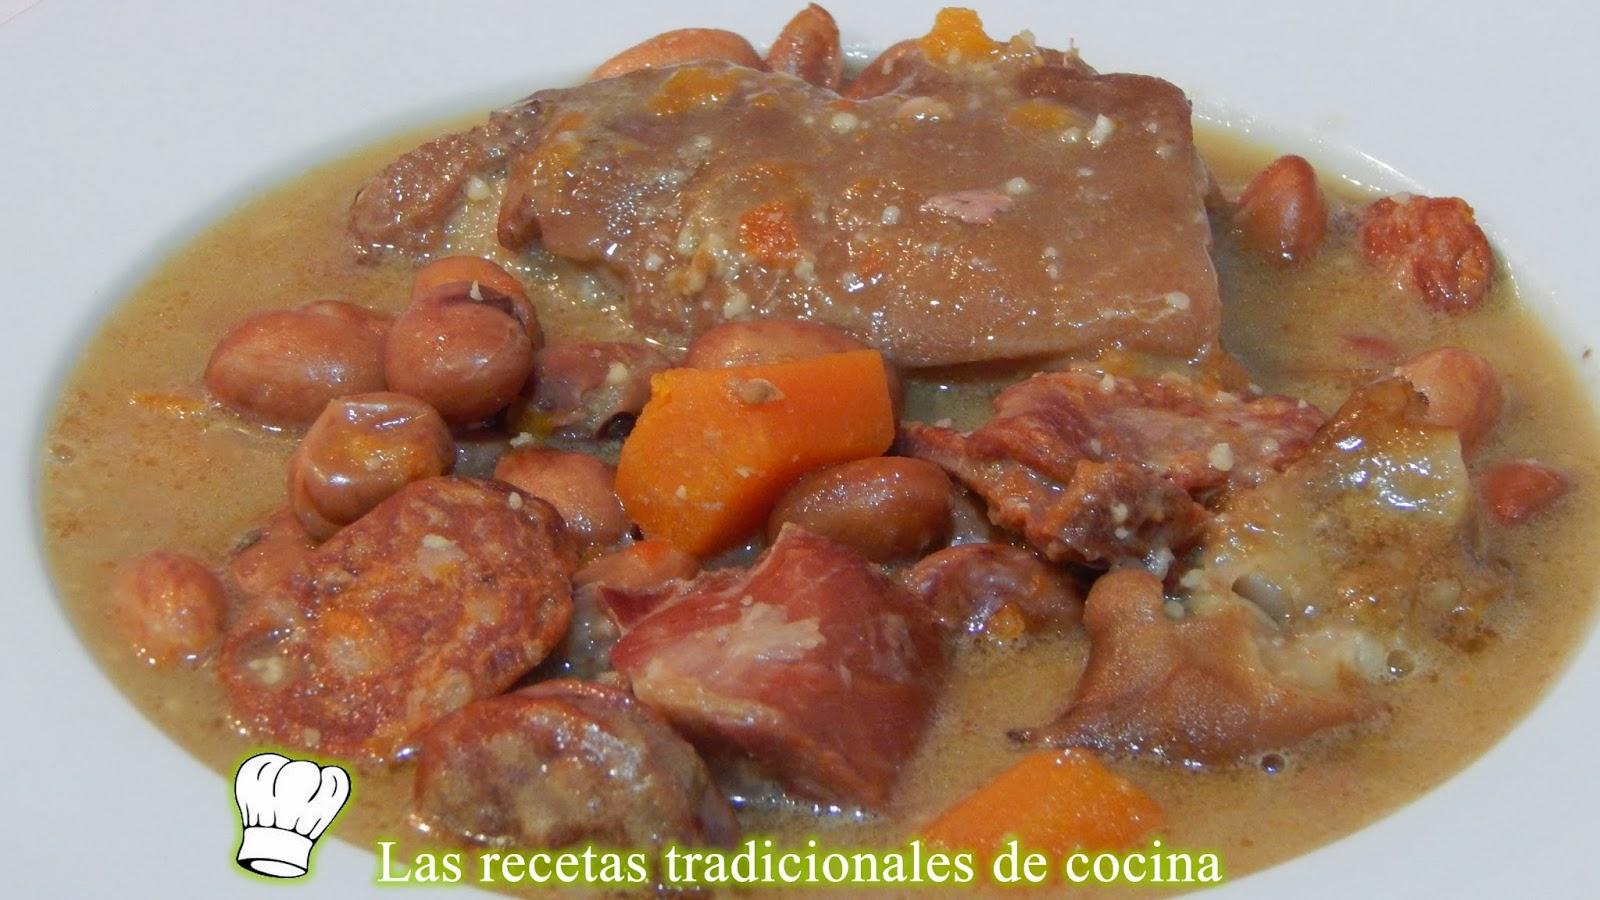 Alubias pintas con manitas de cerdo receta f cil - Judias pintas con manitas ...